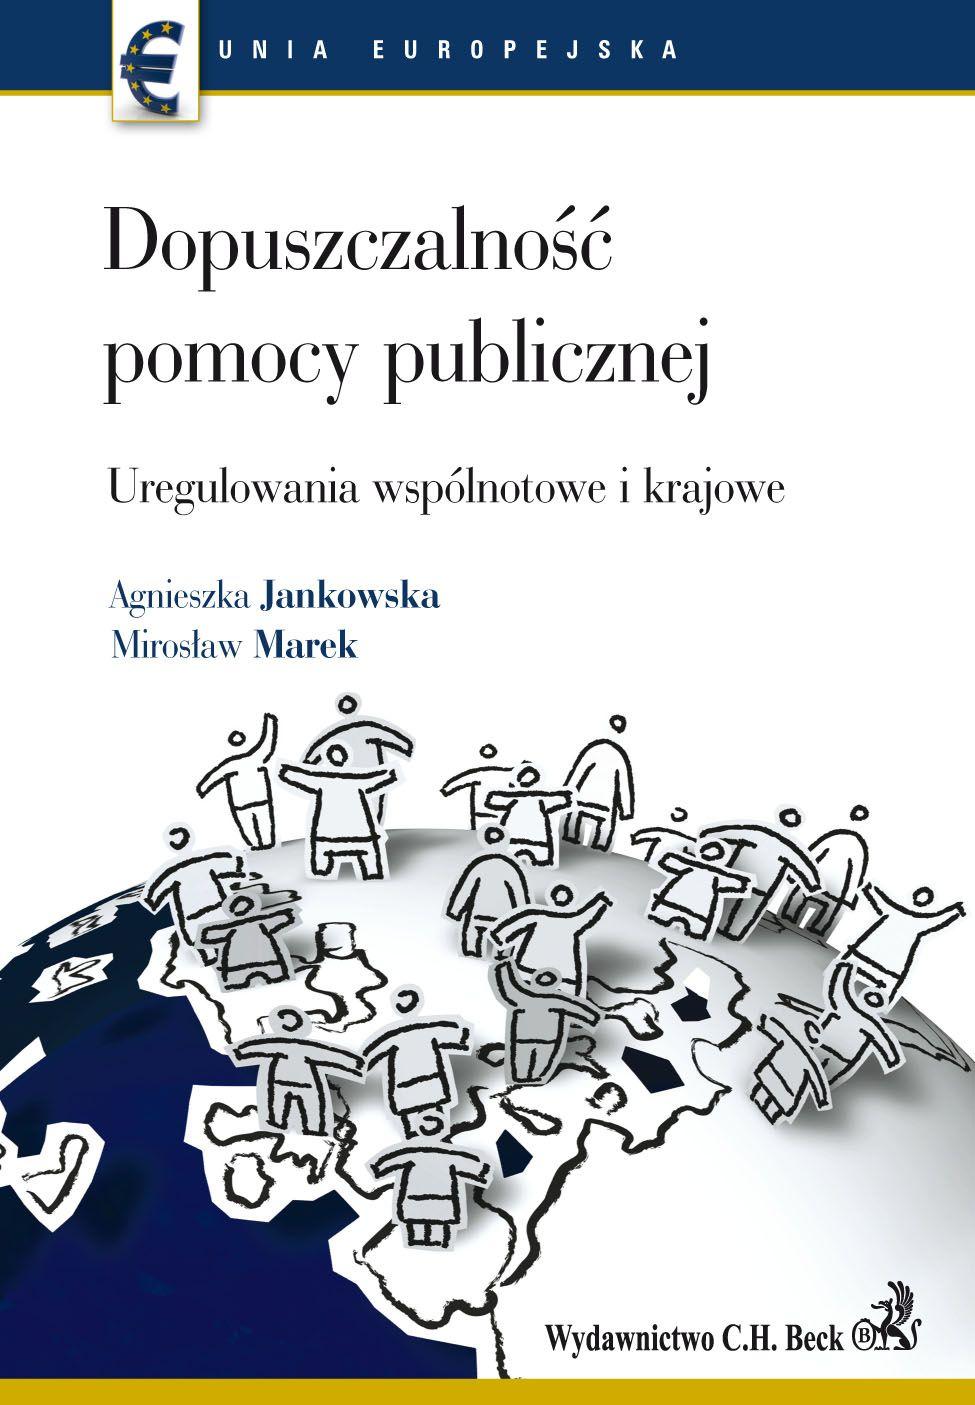 Dopuszczalność pomocy publicznej Uregulowania wspólnotowe i krajowe - Ebook (Książka PDF) do pobrania w formacie PDF